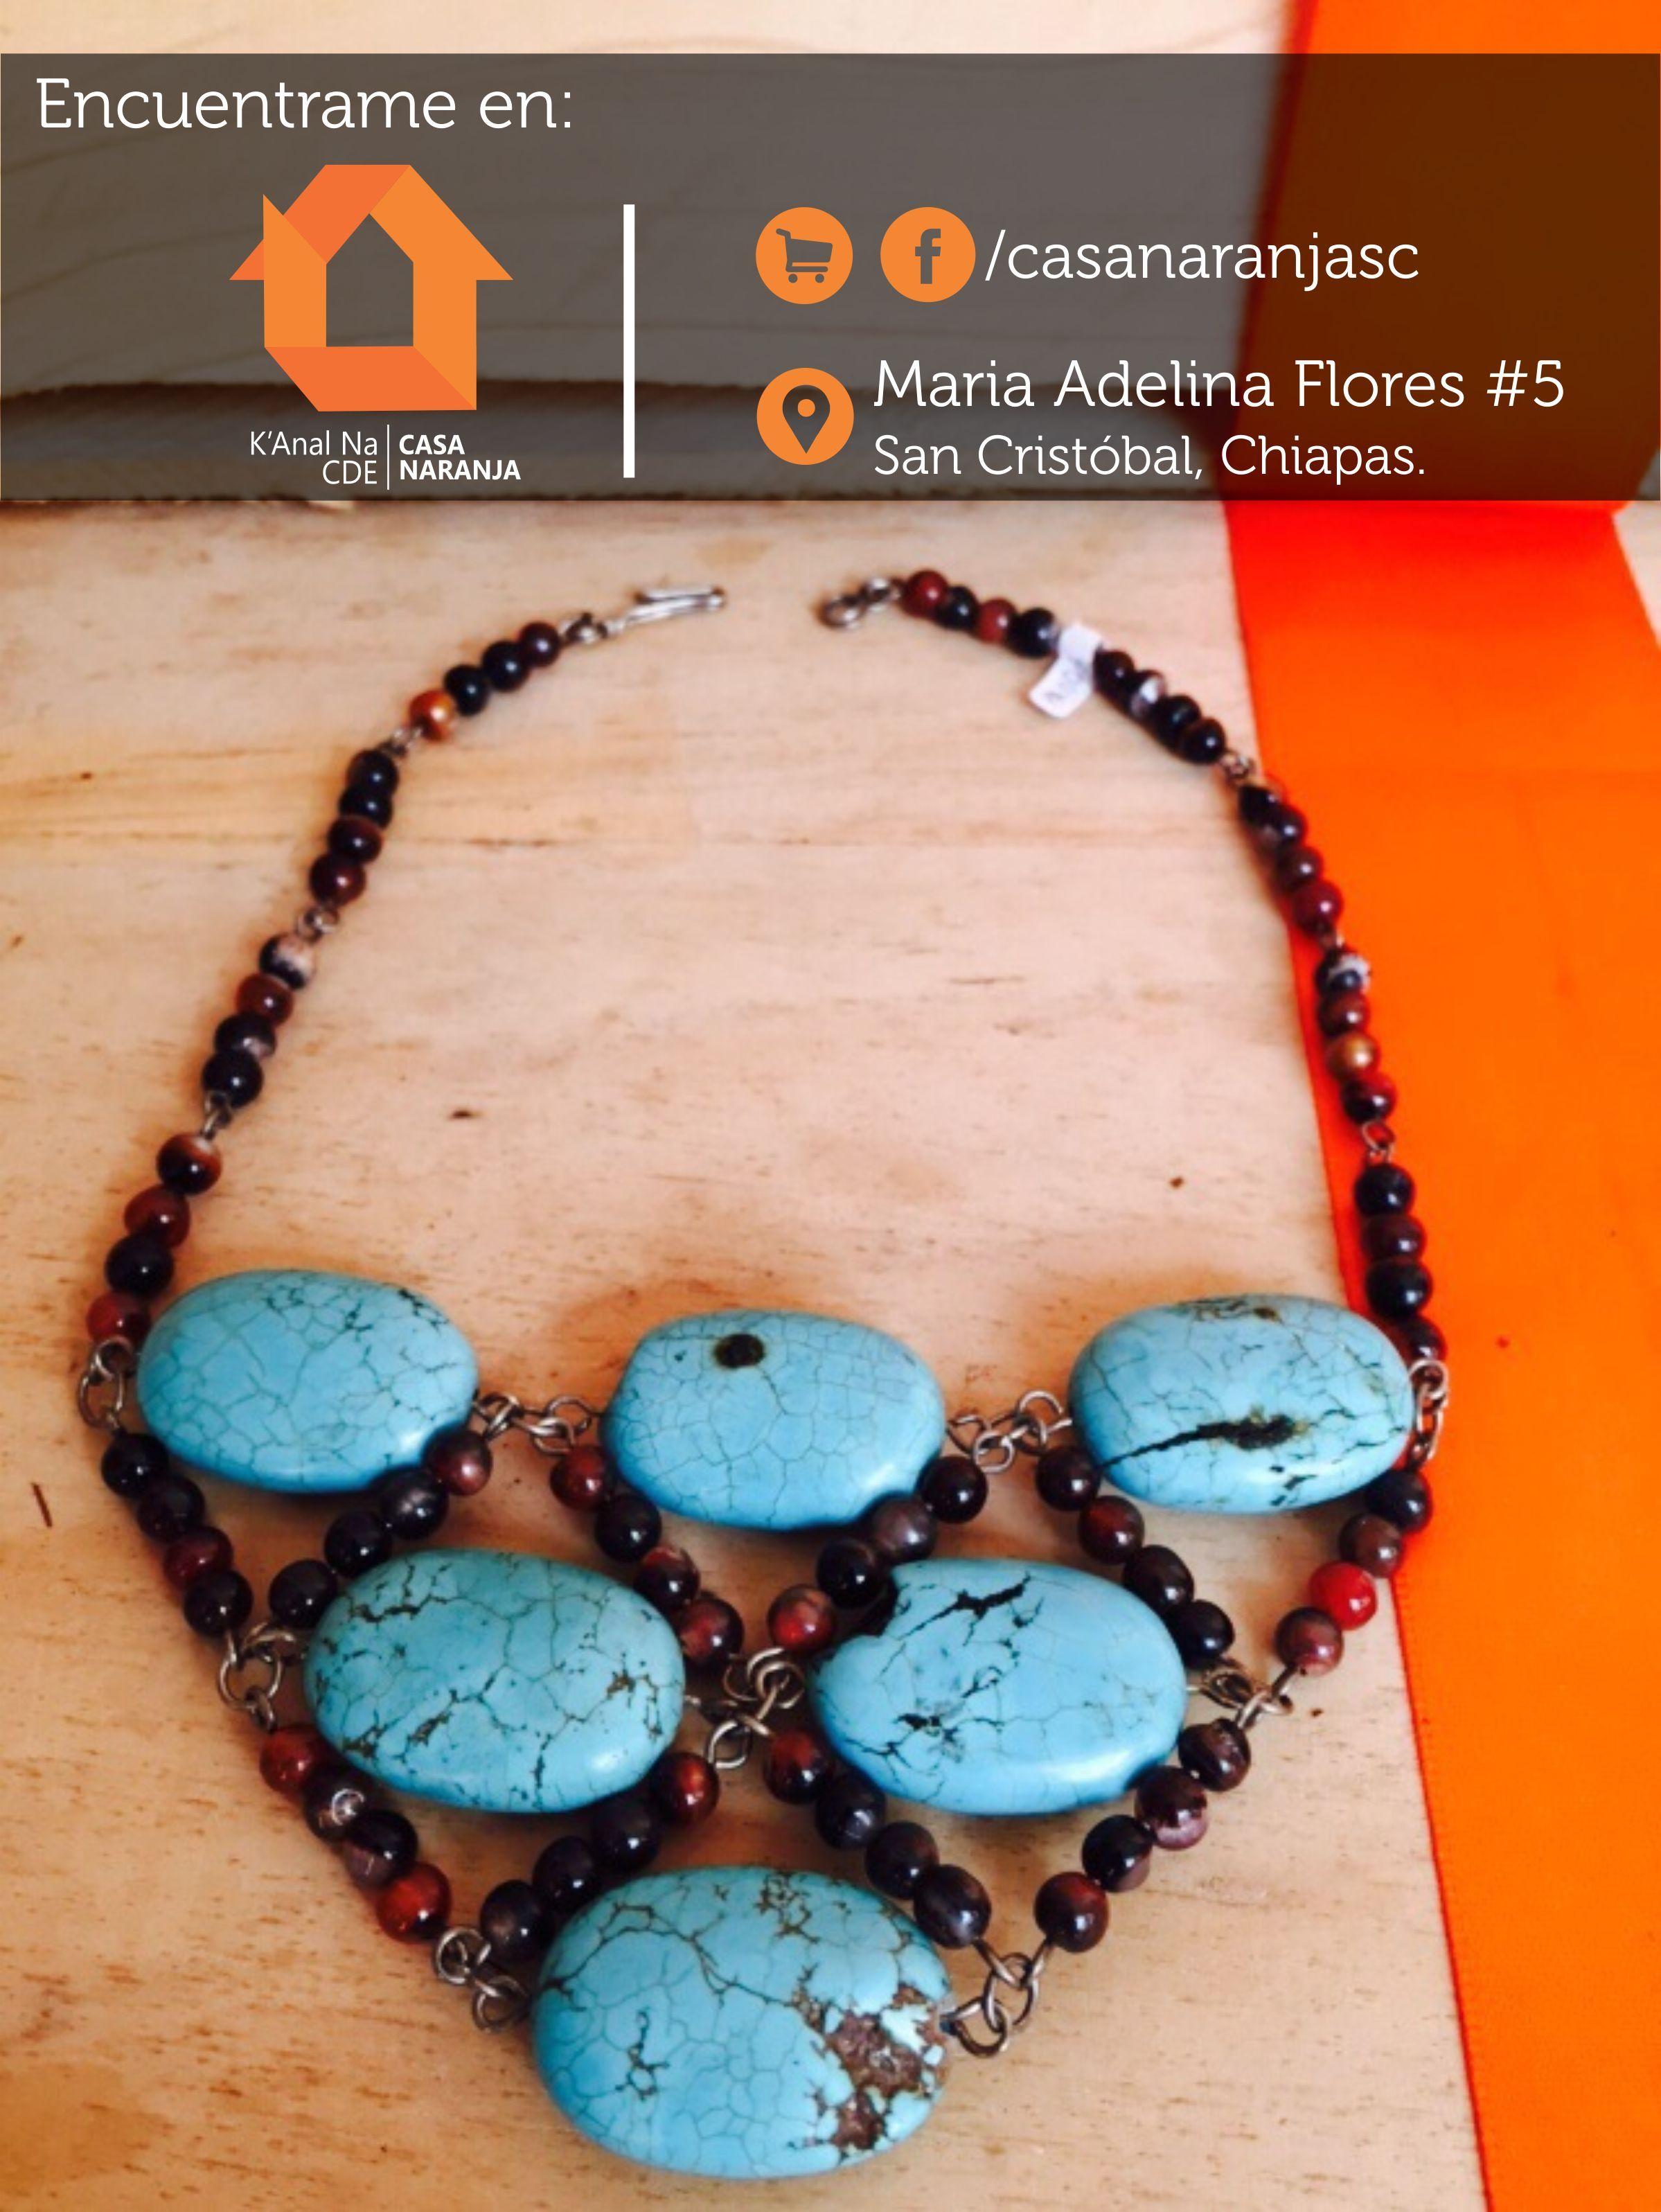 El diseño y creatividad de las #ManosChiapanecas mas cerca de ti, enviamos a todo México. #casanaranjasc y FAMEX TRADE impulsando y promoviendo lo #Hechoenchiapas.